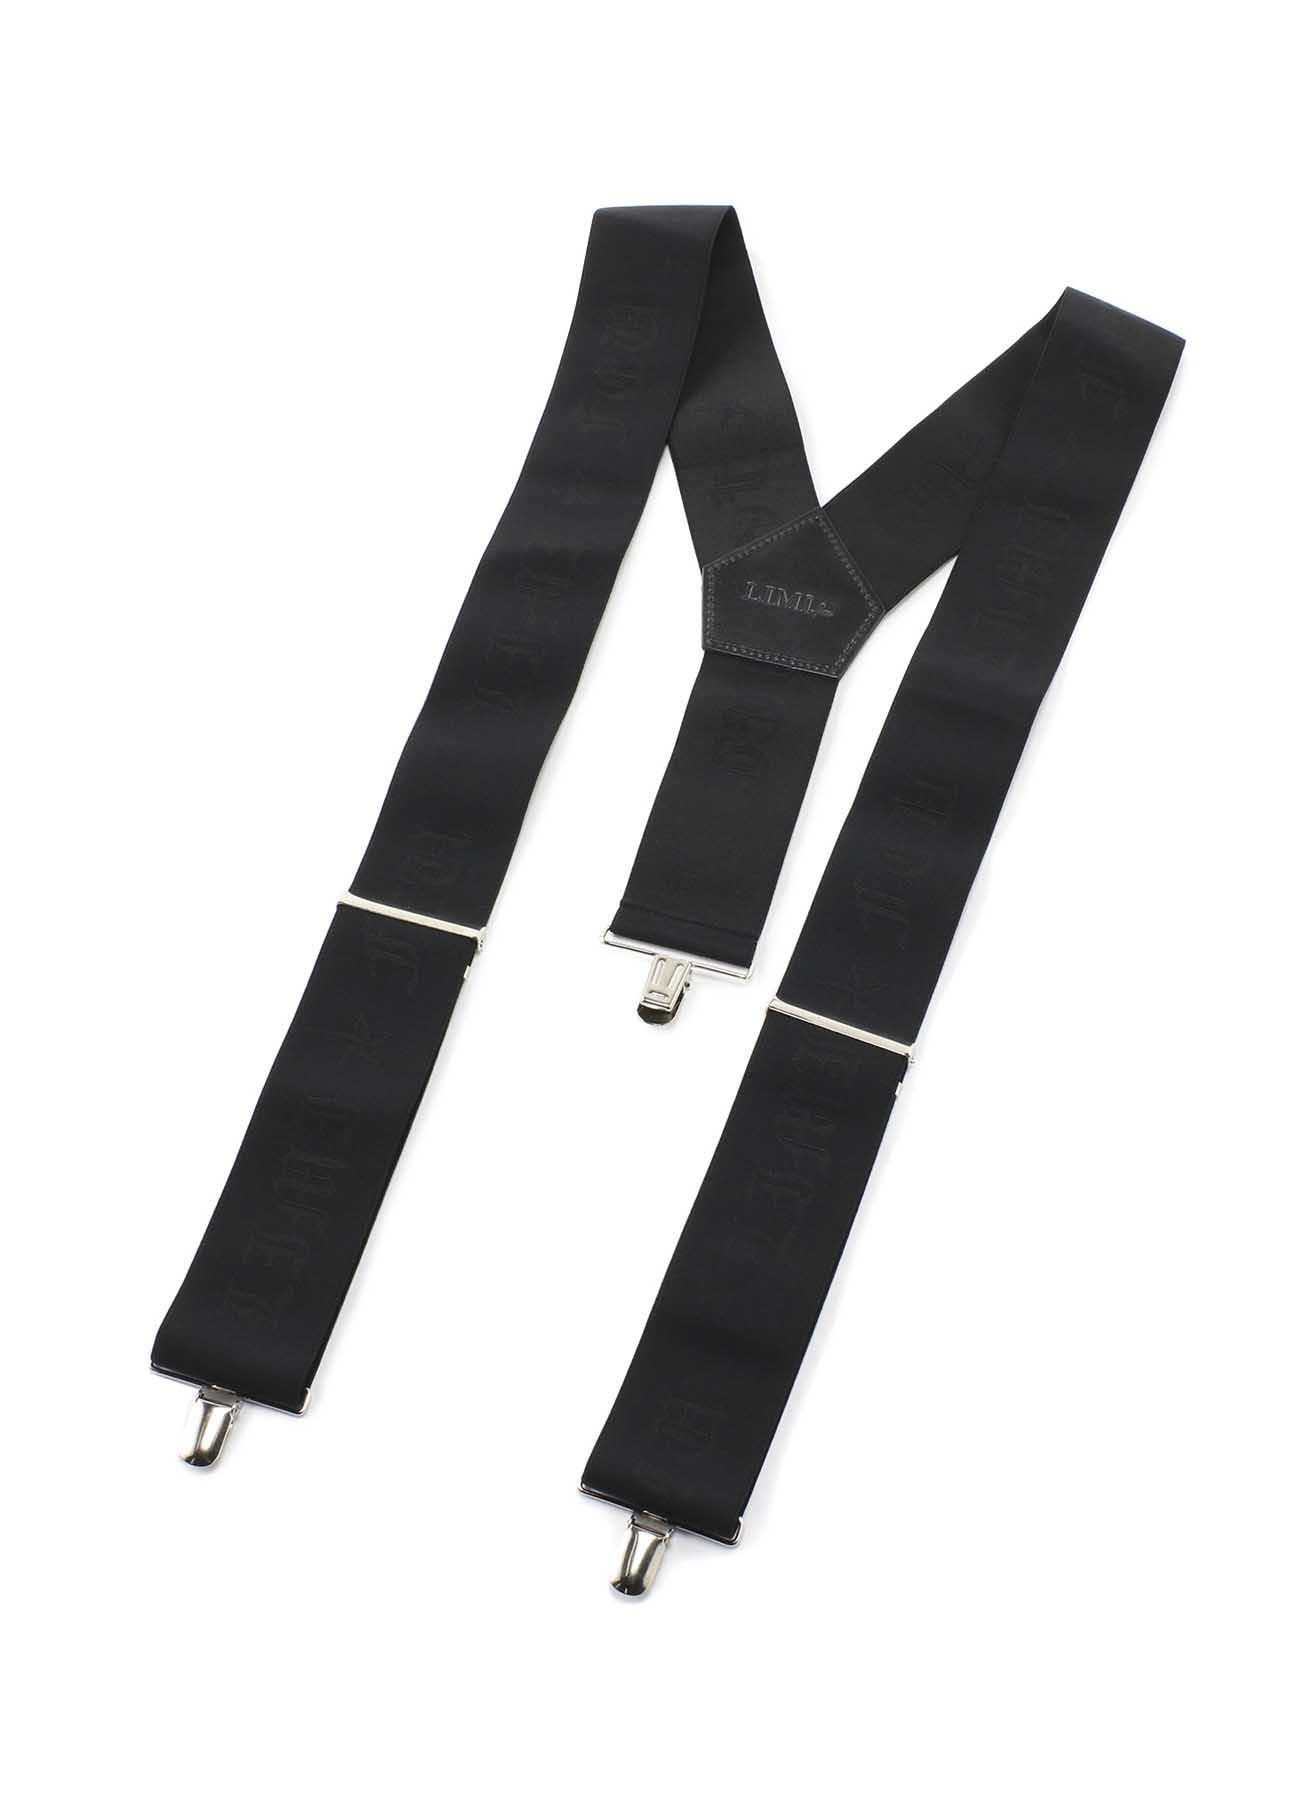 尼龙LOGO橡胶吊带